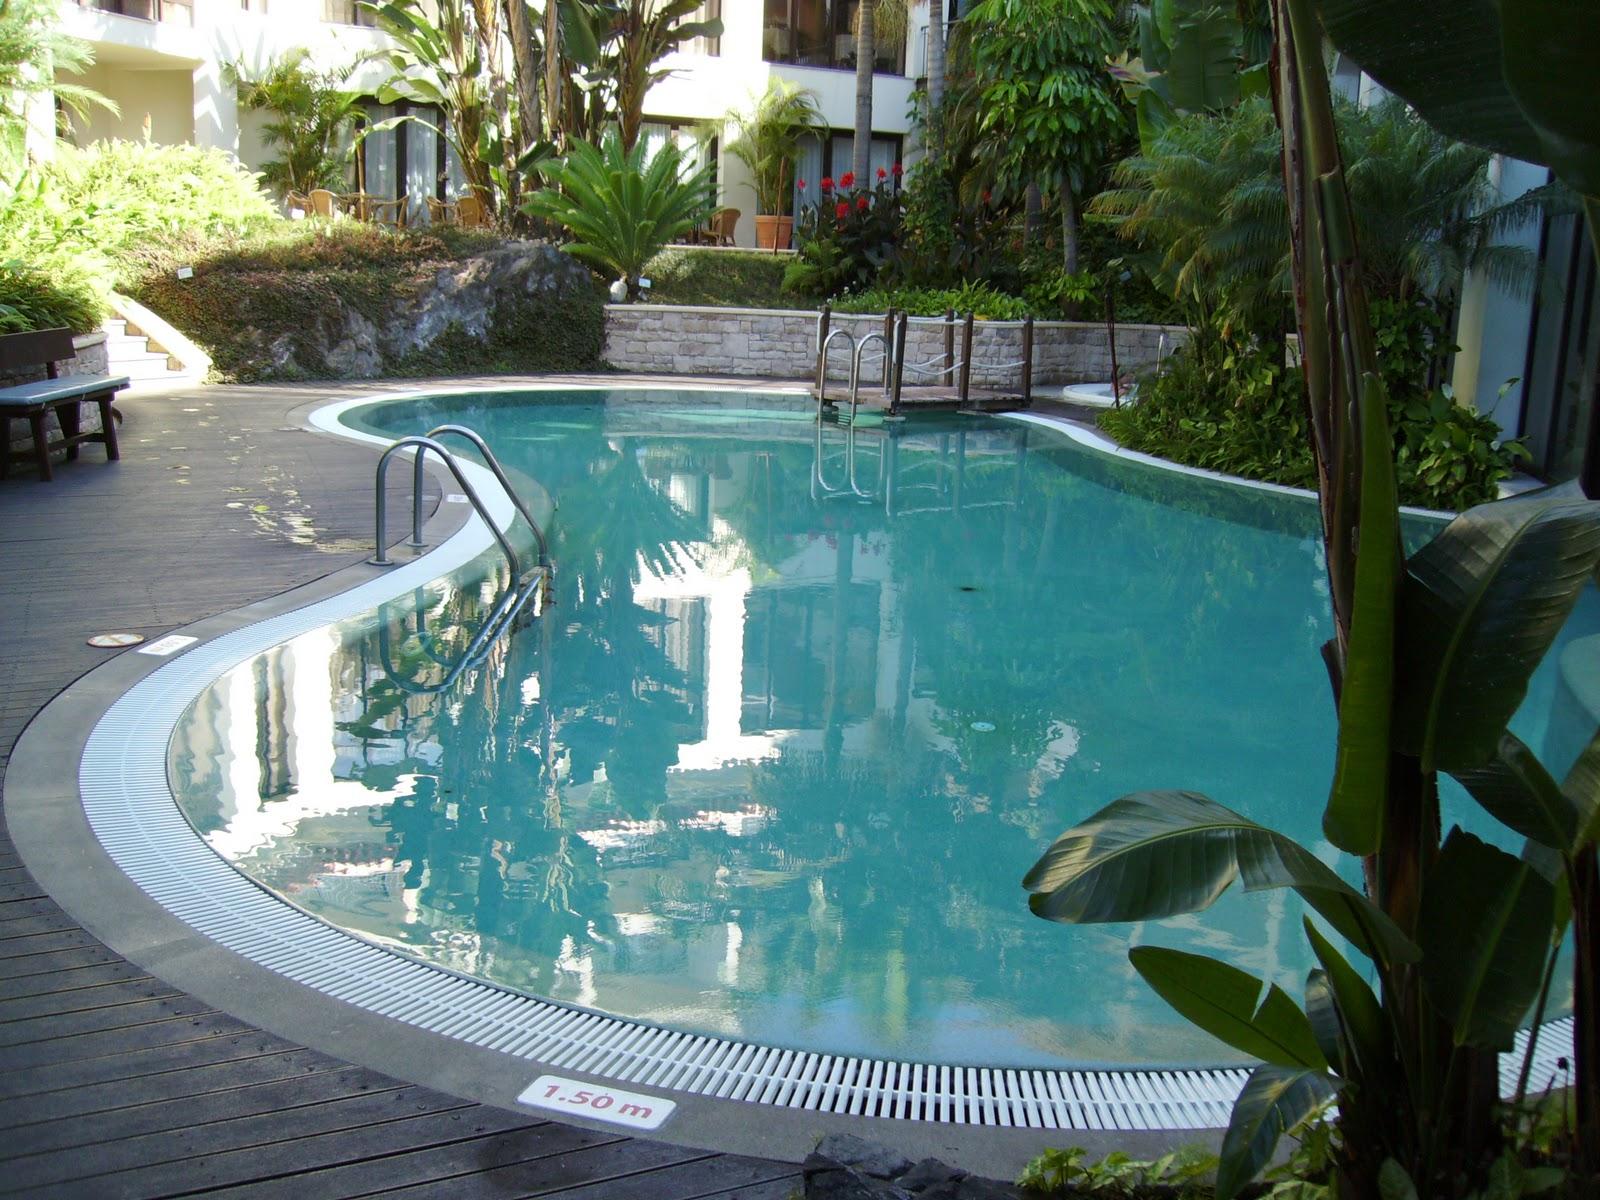 S jour mad re une demoiselle paris blog lifestyle for Hotel jardin de fleurs kyoto